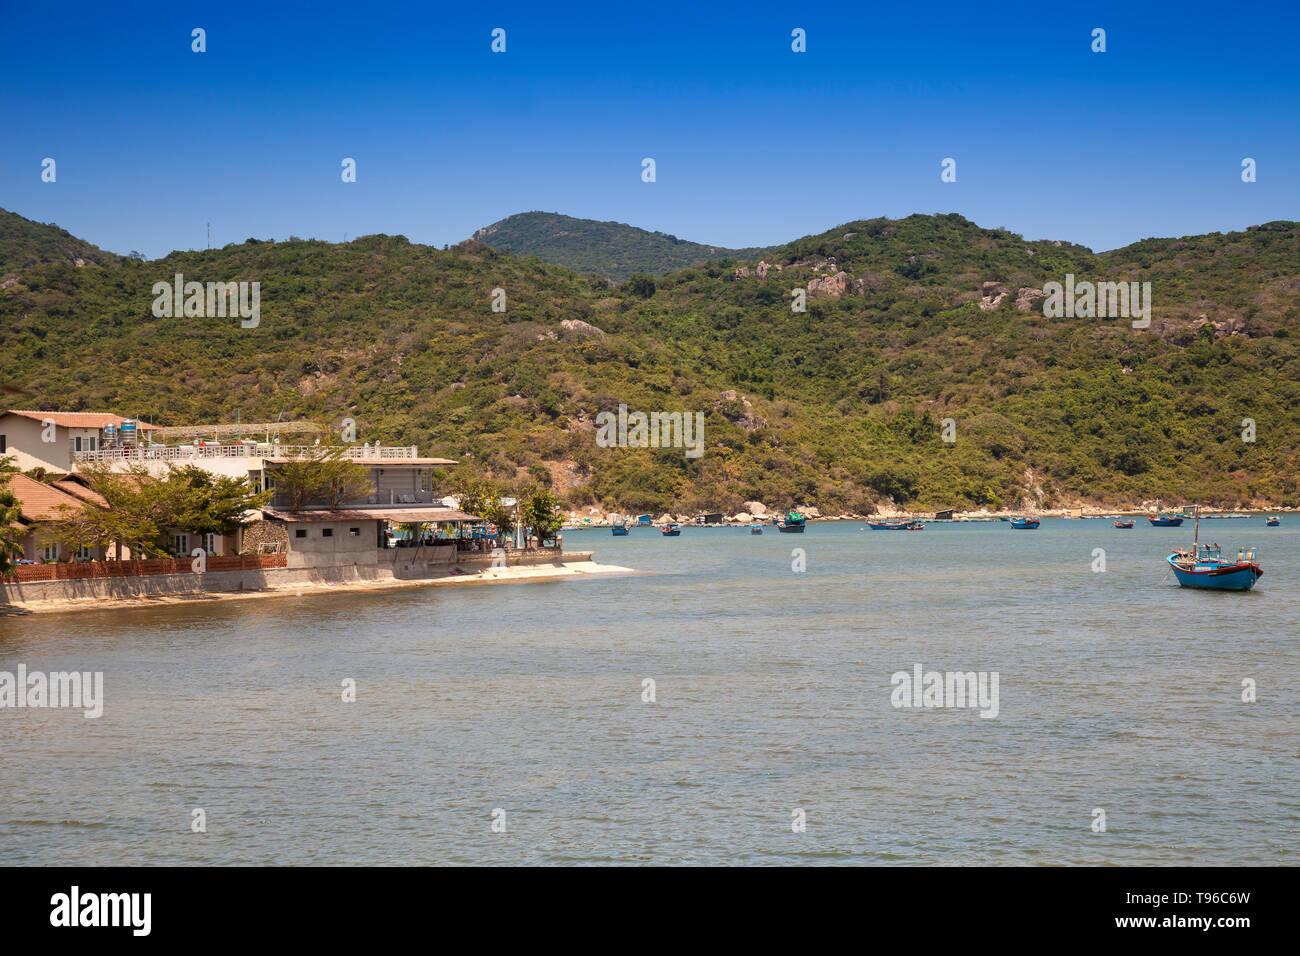 Landscape with fishing boats ,bay at Vinh Hy, South China Sea,Ninh Thuan, Vietnam - Stock Image